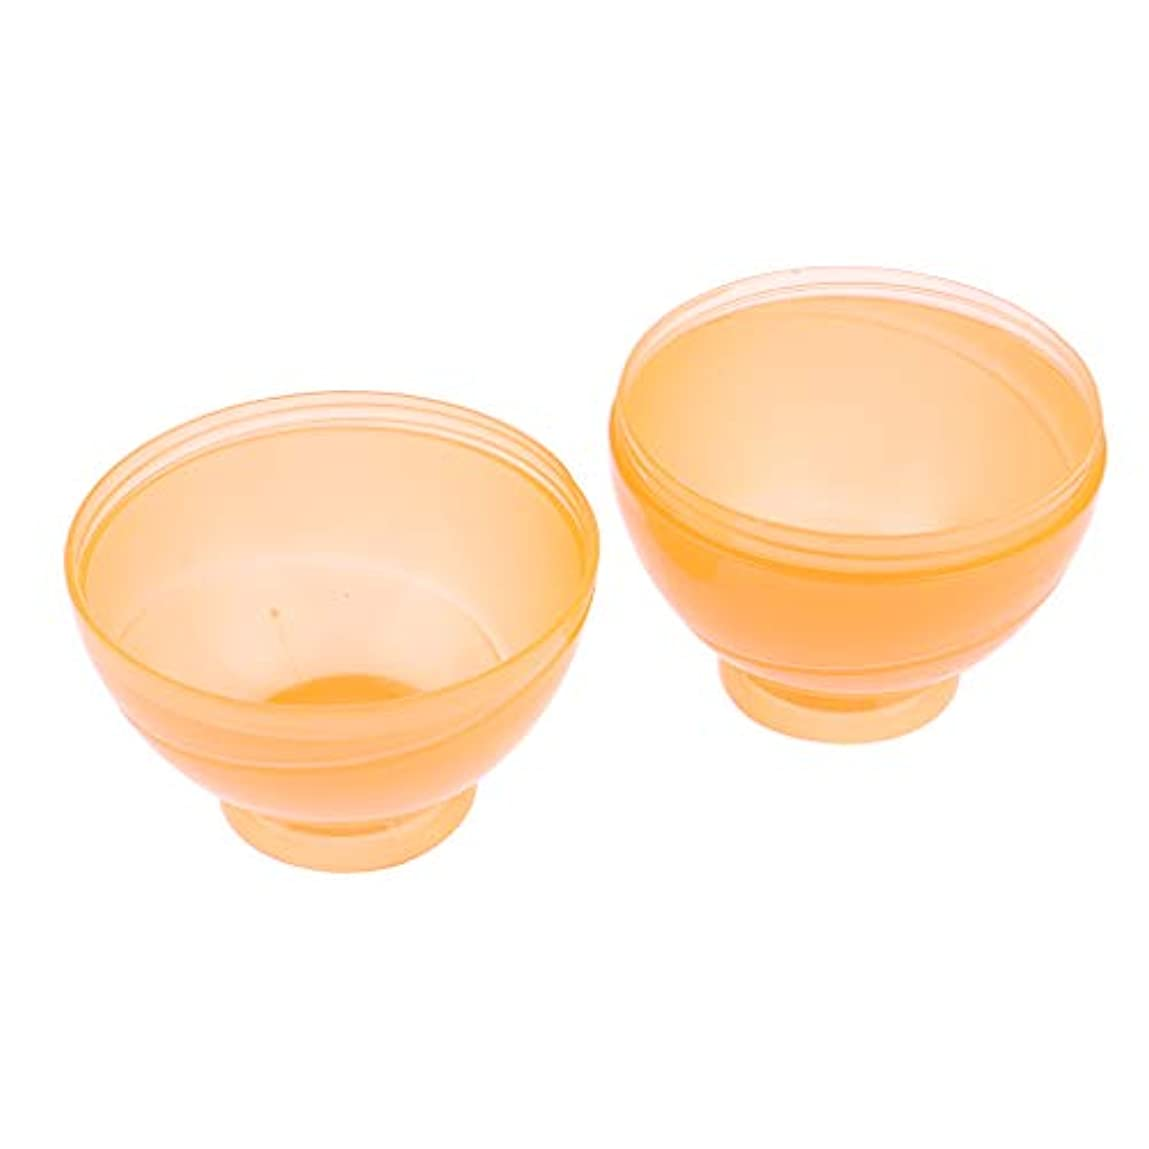 疎外するキルスオレンジDYNWAVE カラーボウル ヘアカラー ミキシングボトル プロ 美容師 キャンディー形状 便利 漏れ防止 全3色 - オレンジ